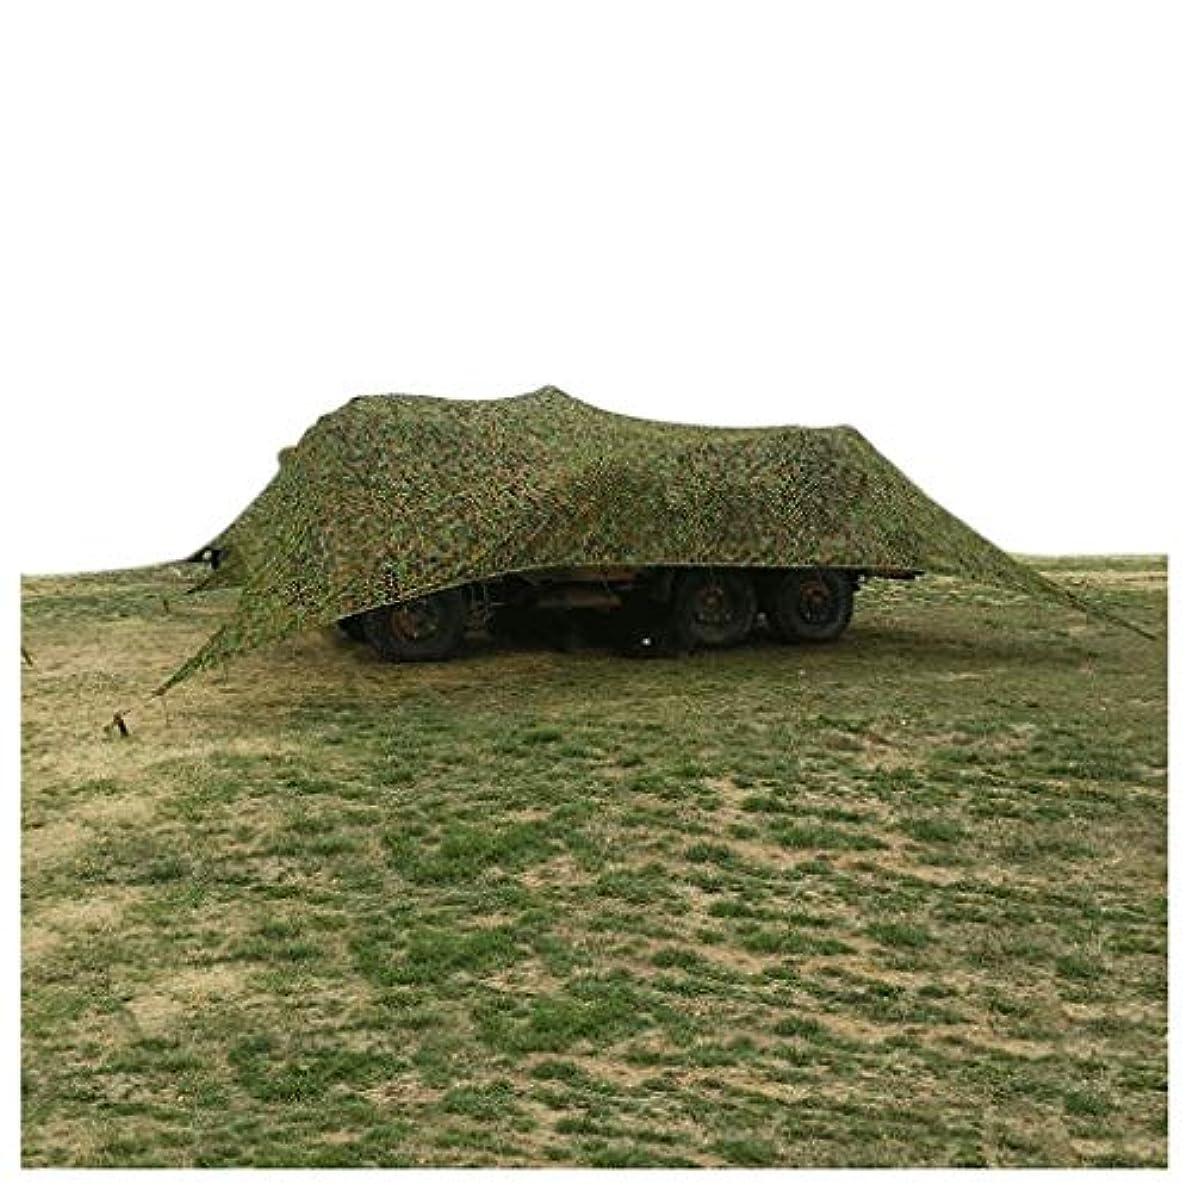 集中的な起きろマナーミリタリー迷彩ネット、防護ネット、子供の寝室の装飾迷彩ネットアウトドアシェード狩猟ウッドランドキャンプ隠しガーデンガーデンデコレーションネットグリーンマルチサイズ (Size : 2*10M(6.6*32.8FT))